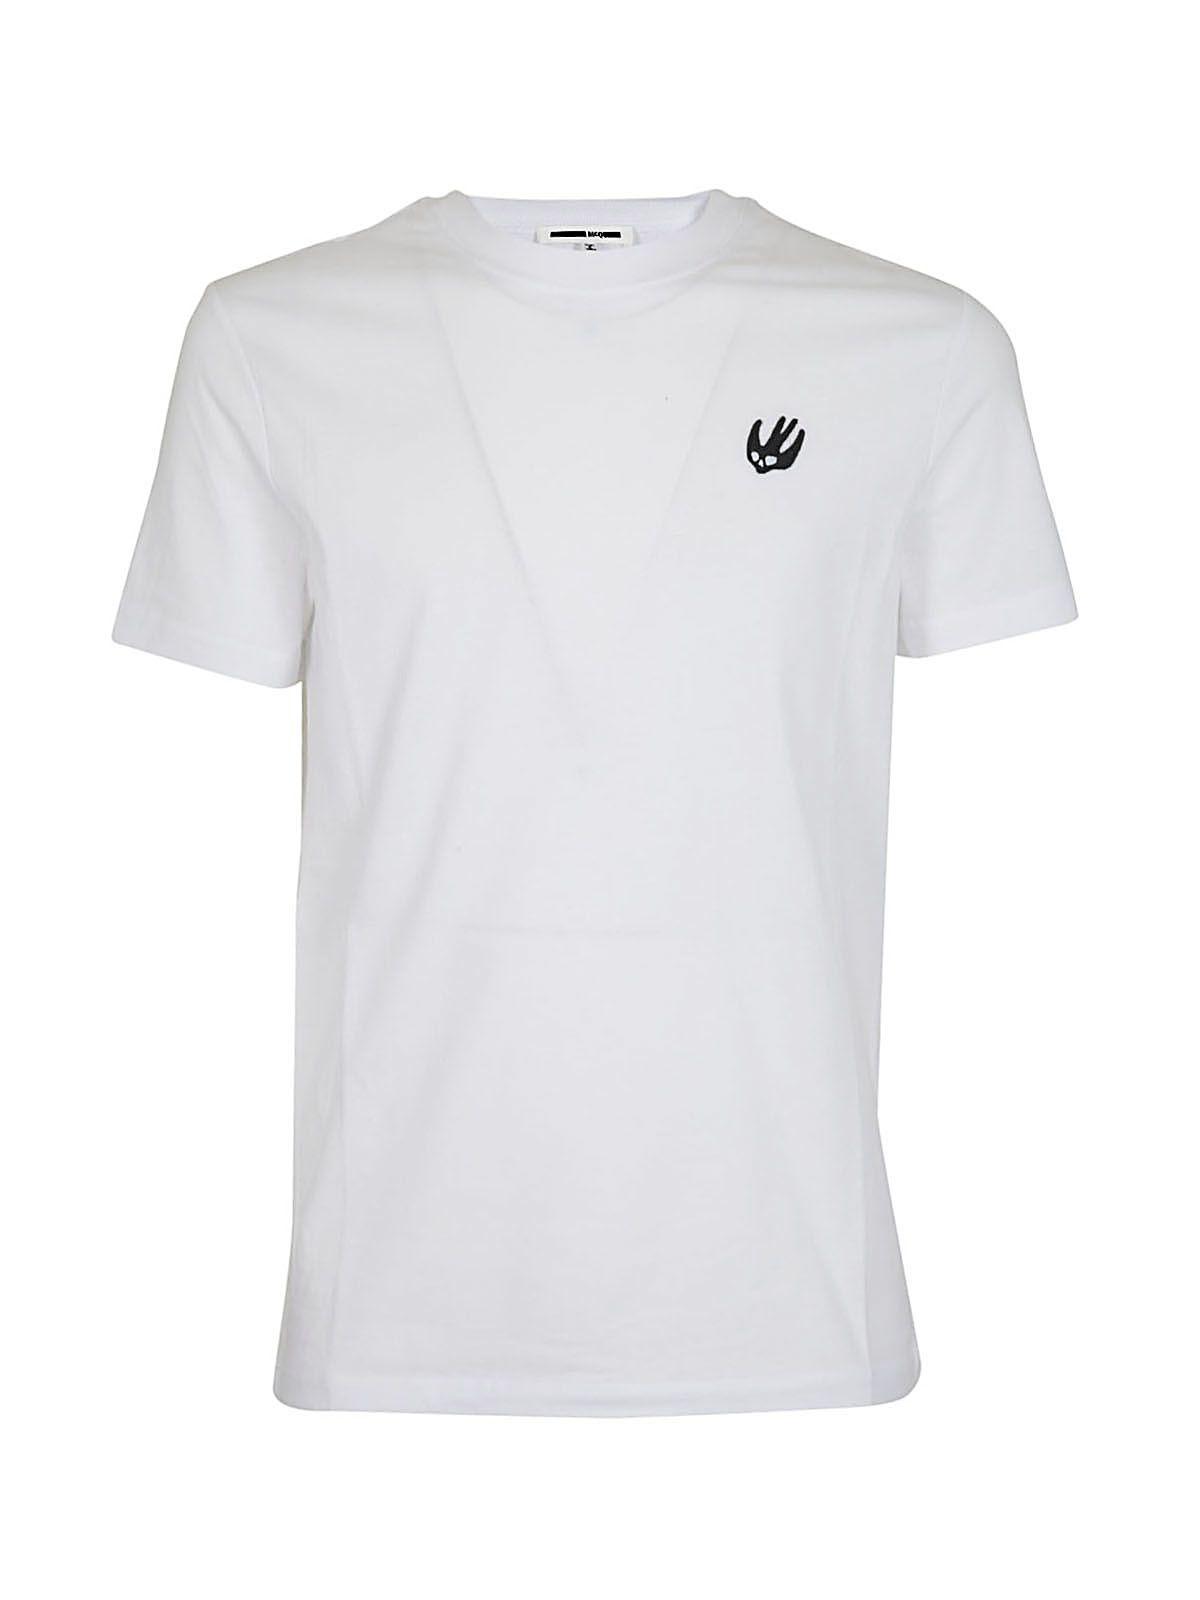 Mcq Alexander Mcqueen Swallow Patch T-shirt